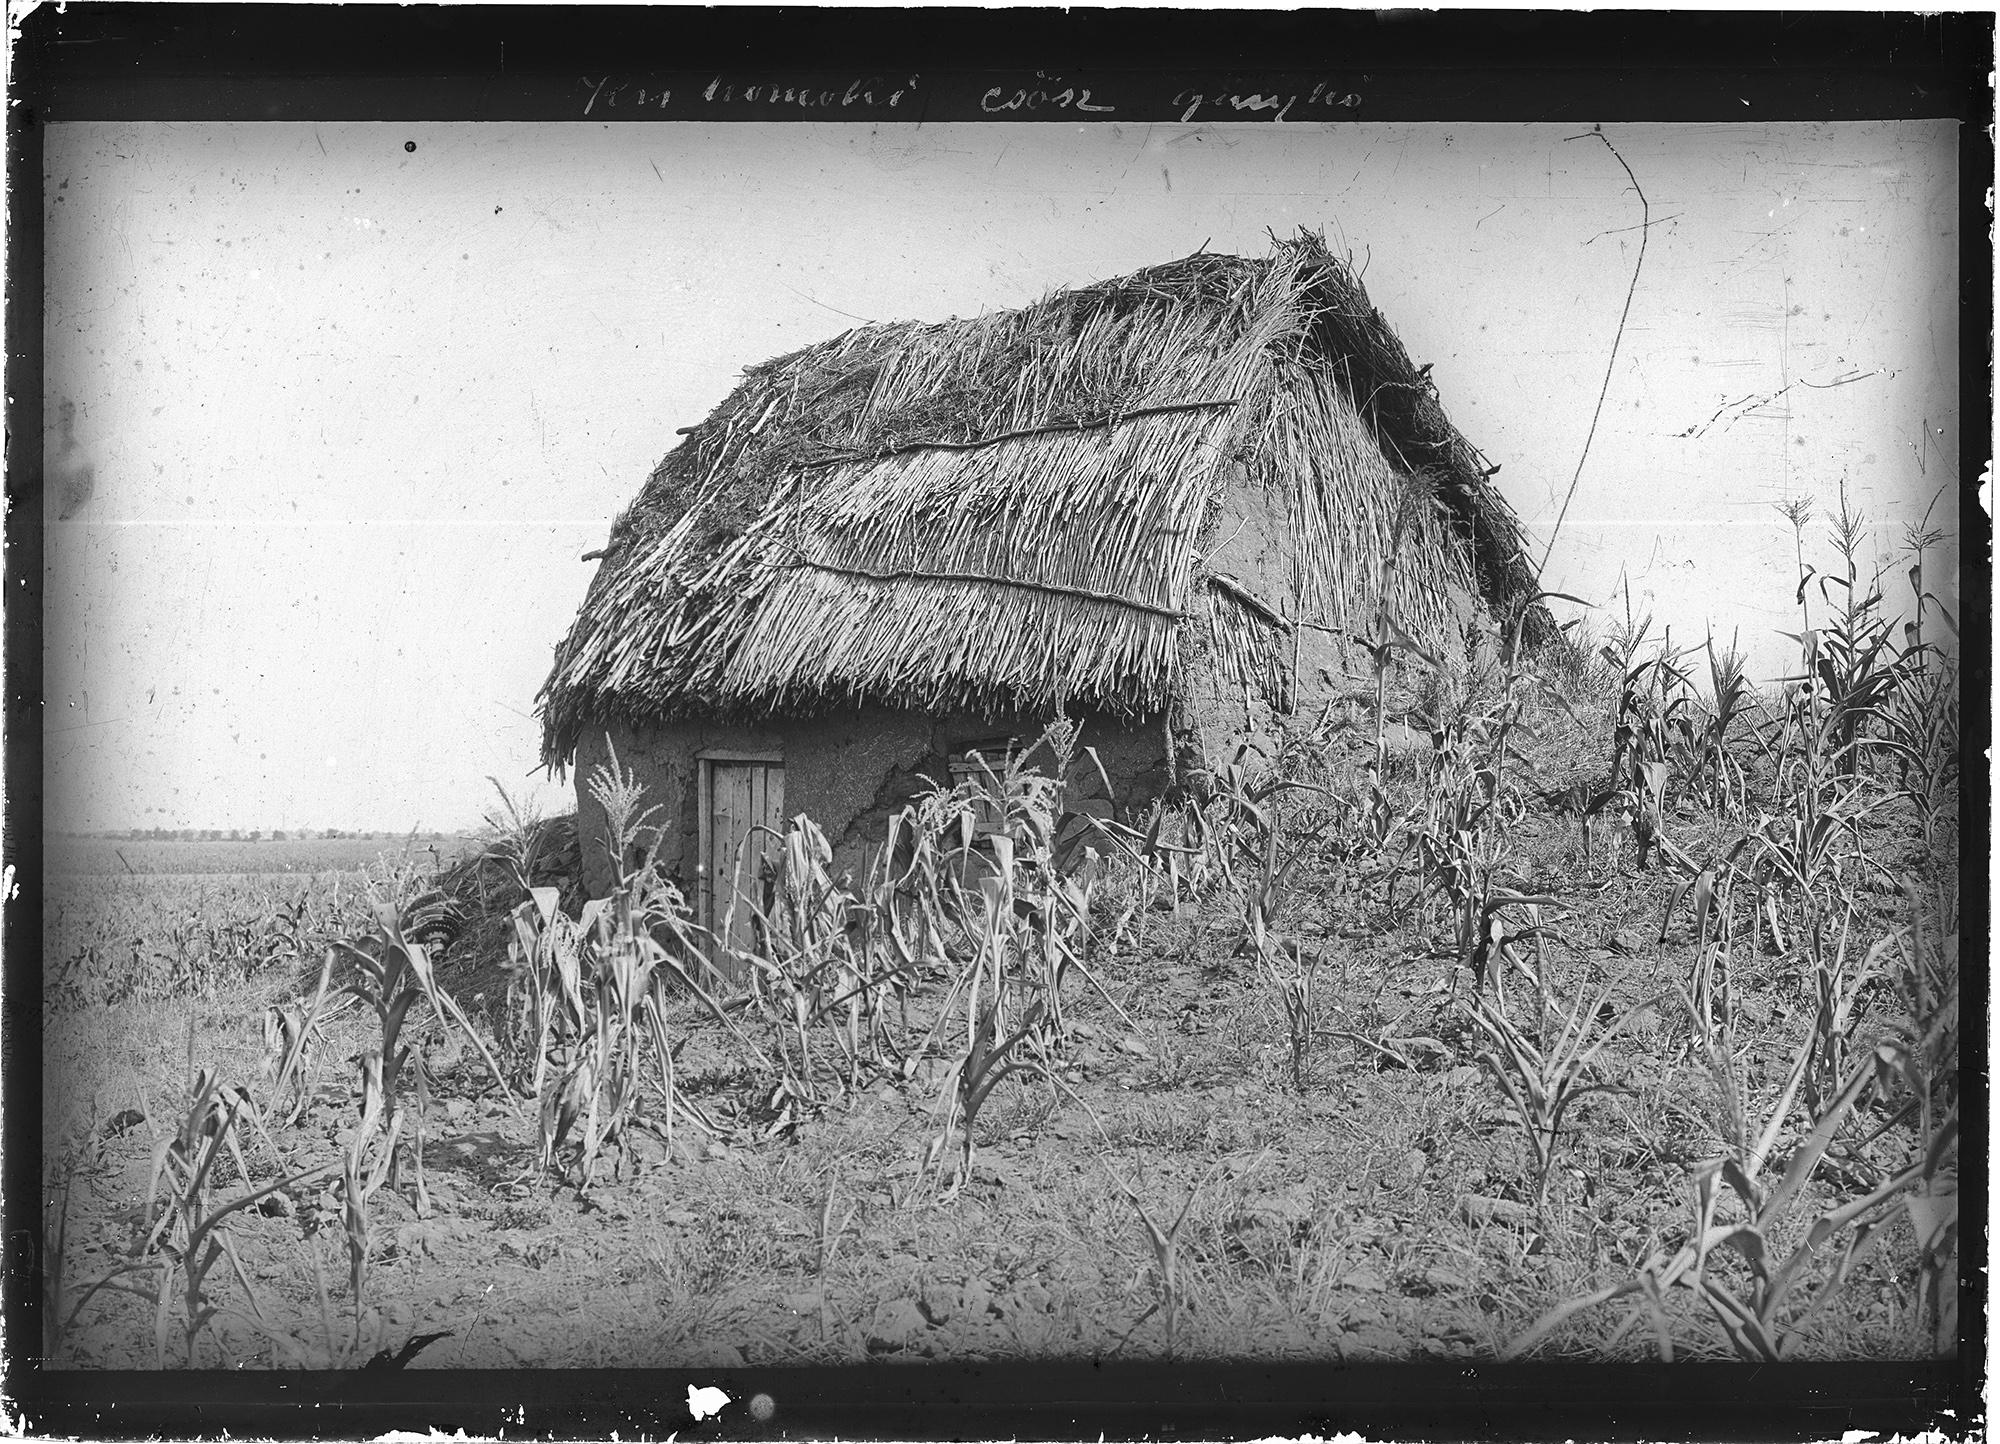 Fotó: Plohn József: A kishomoki csősz kunyhója. © Tornyai János Múzeum gyűjteménye, Hódmezővásárhely